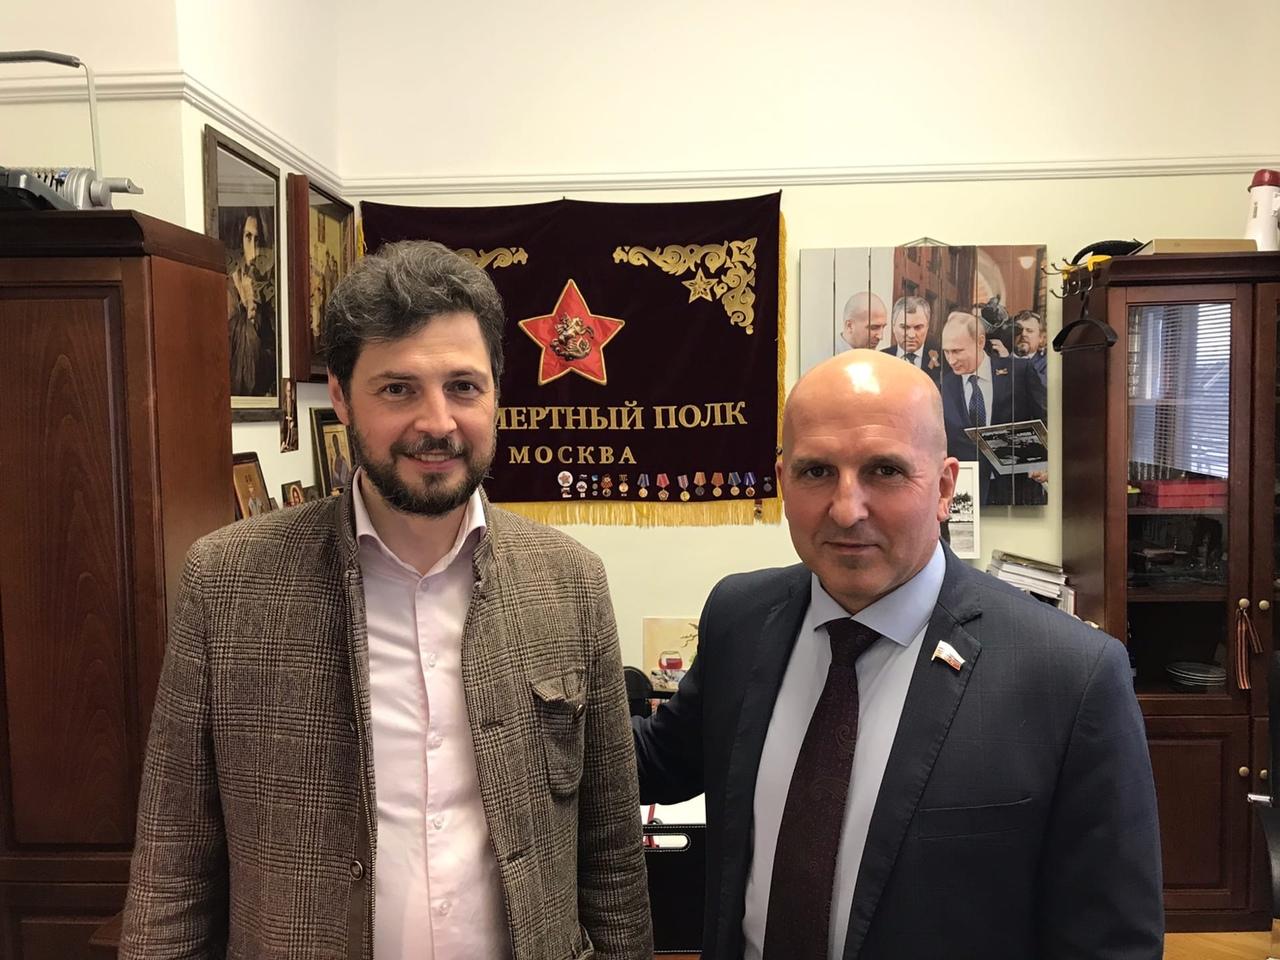 Вчера встречался с депутатом Государственной думы Николаем Георгиевичем Земцовым